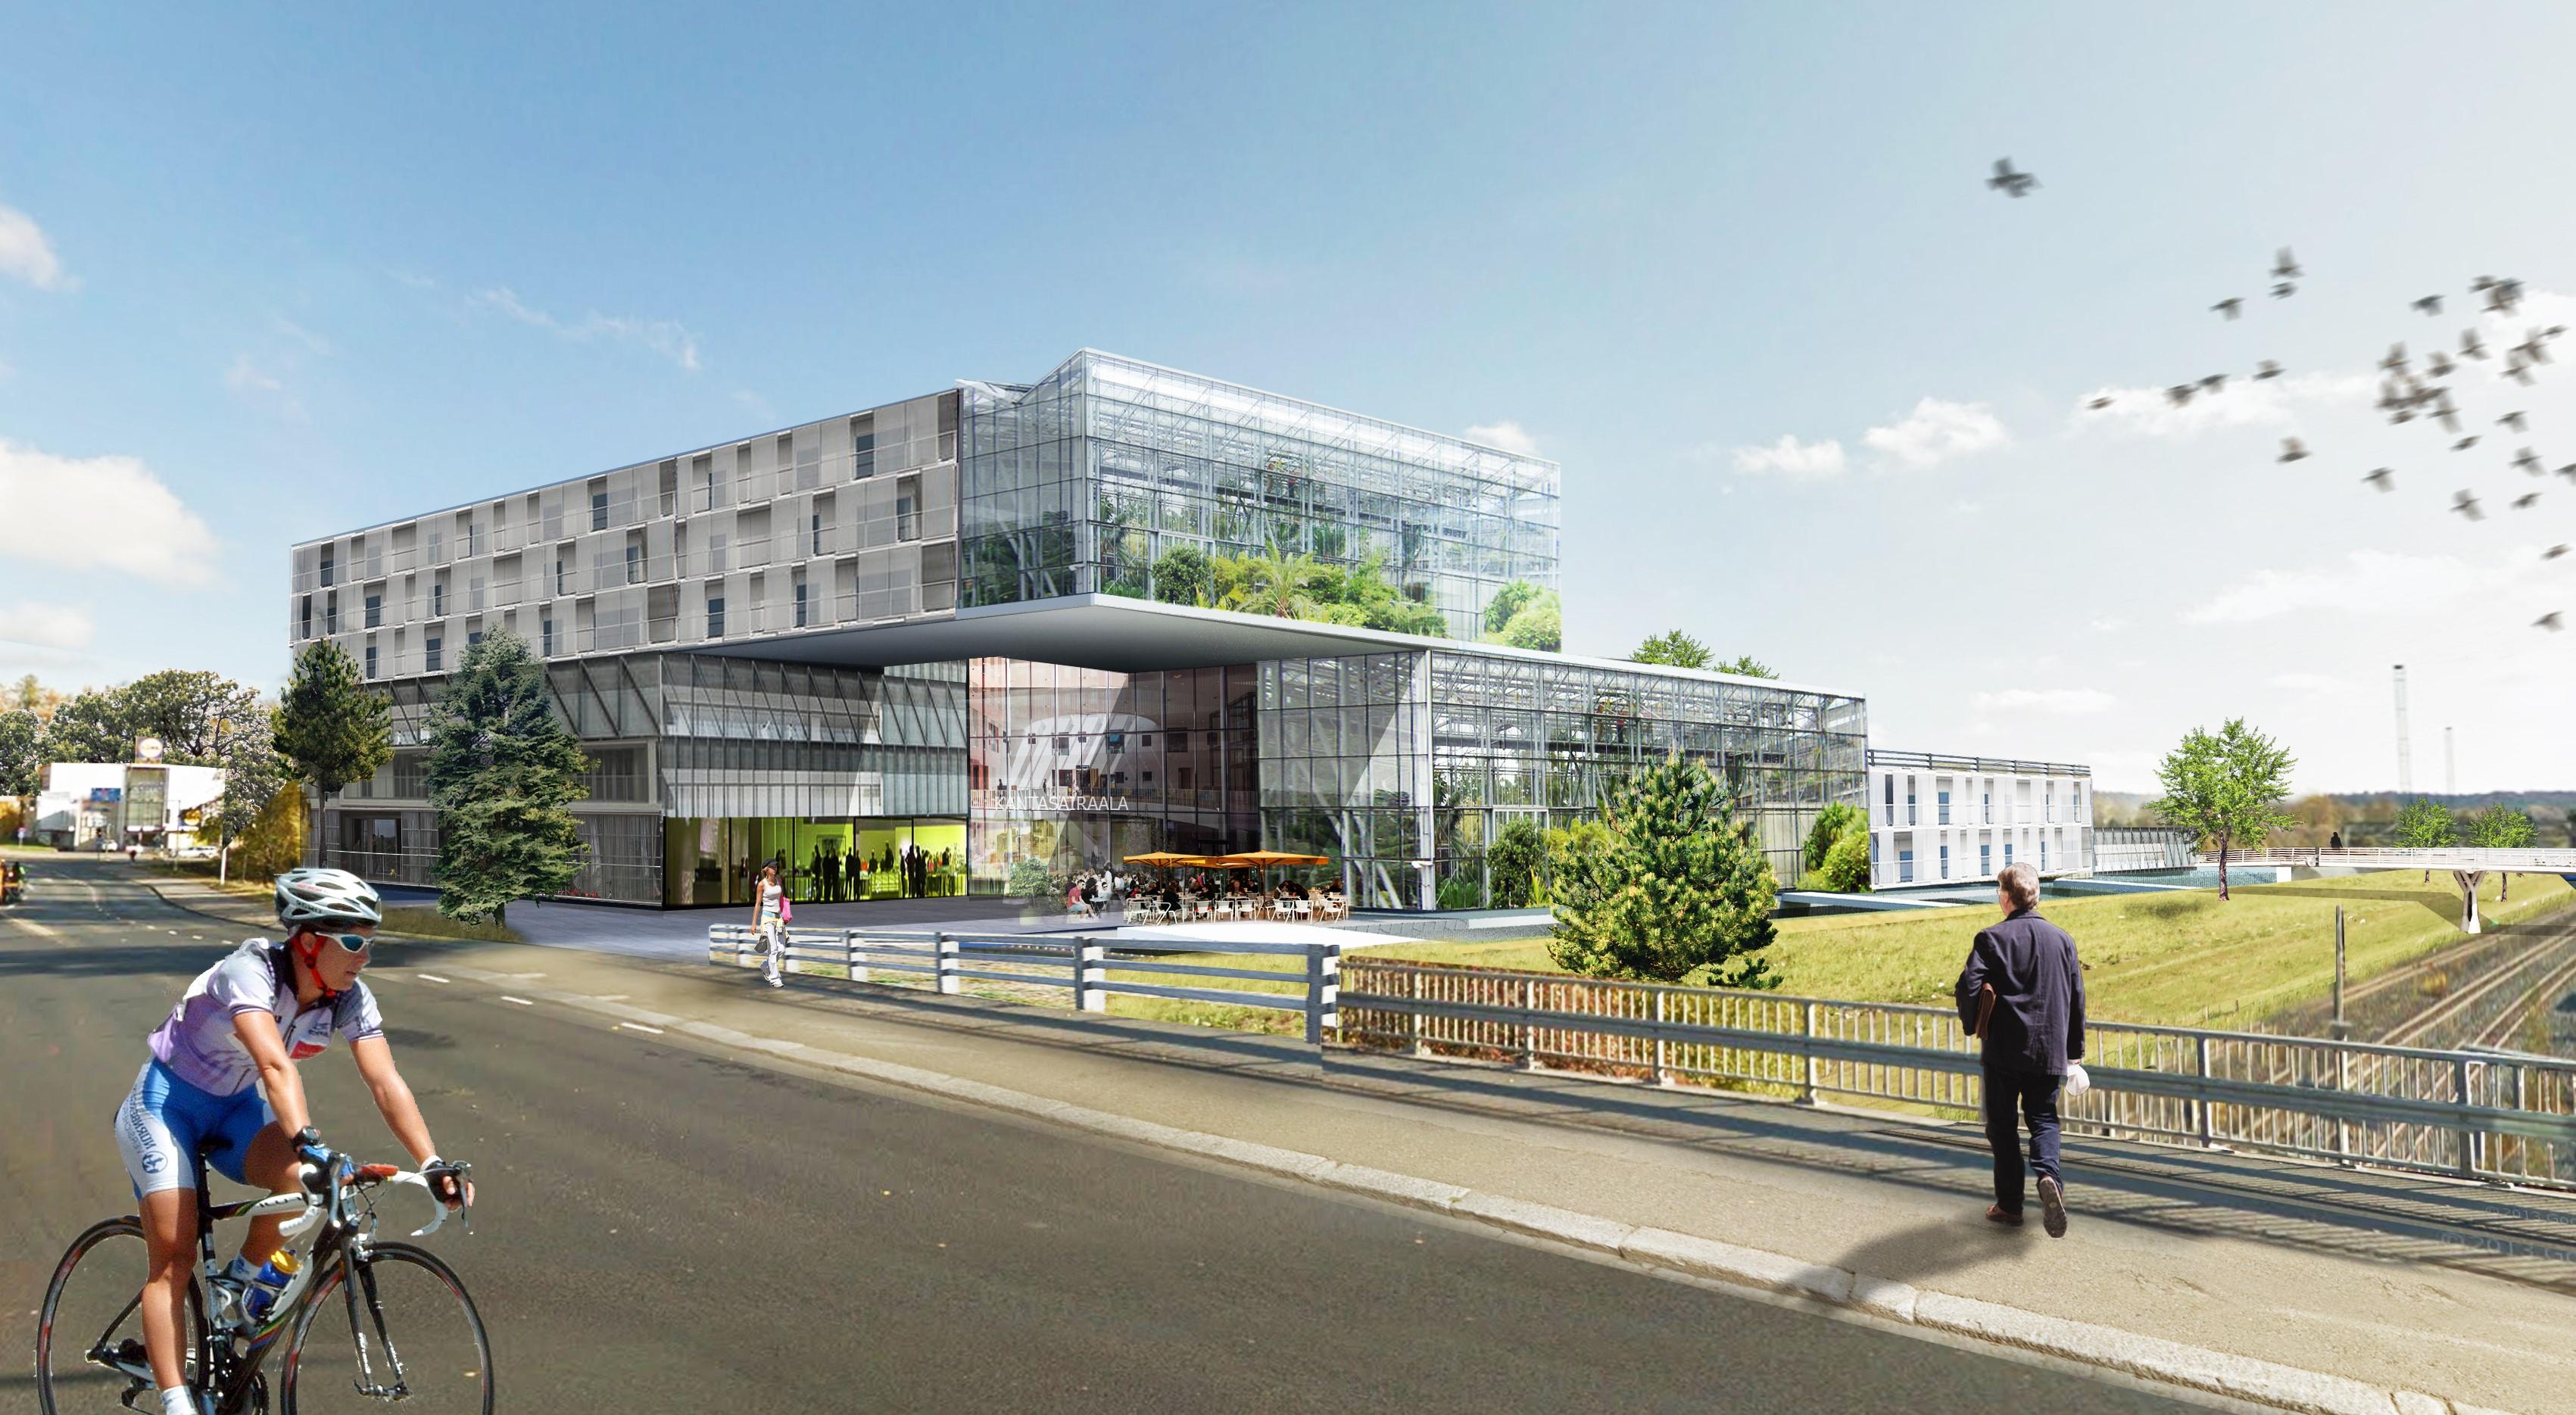 Uuden sairaalan luonnoksessa sairaala on sijoitettu junaraiteiden läheisyyteen. Havainnekuvassa toinen mies pyöräilee ja toinen kävelee sairaalan edustalla.